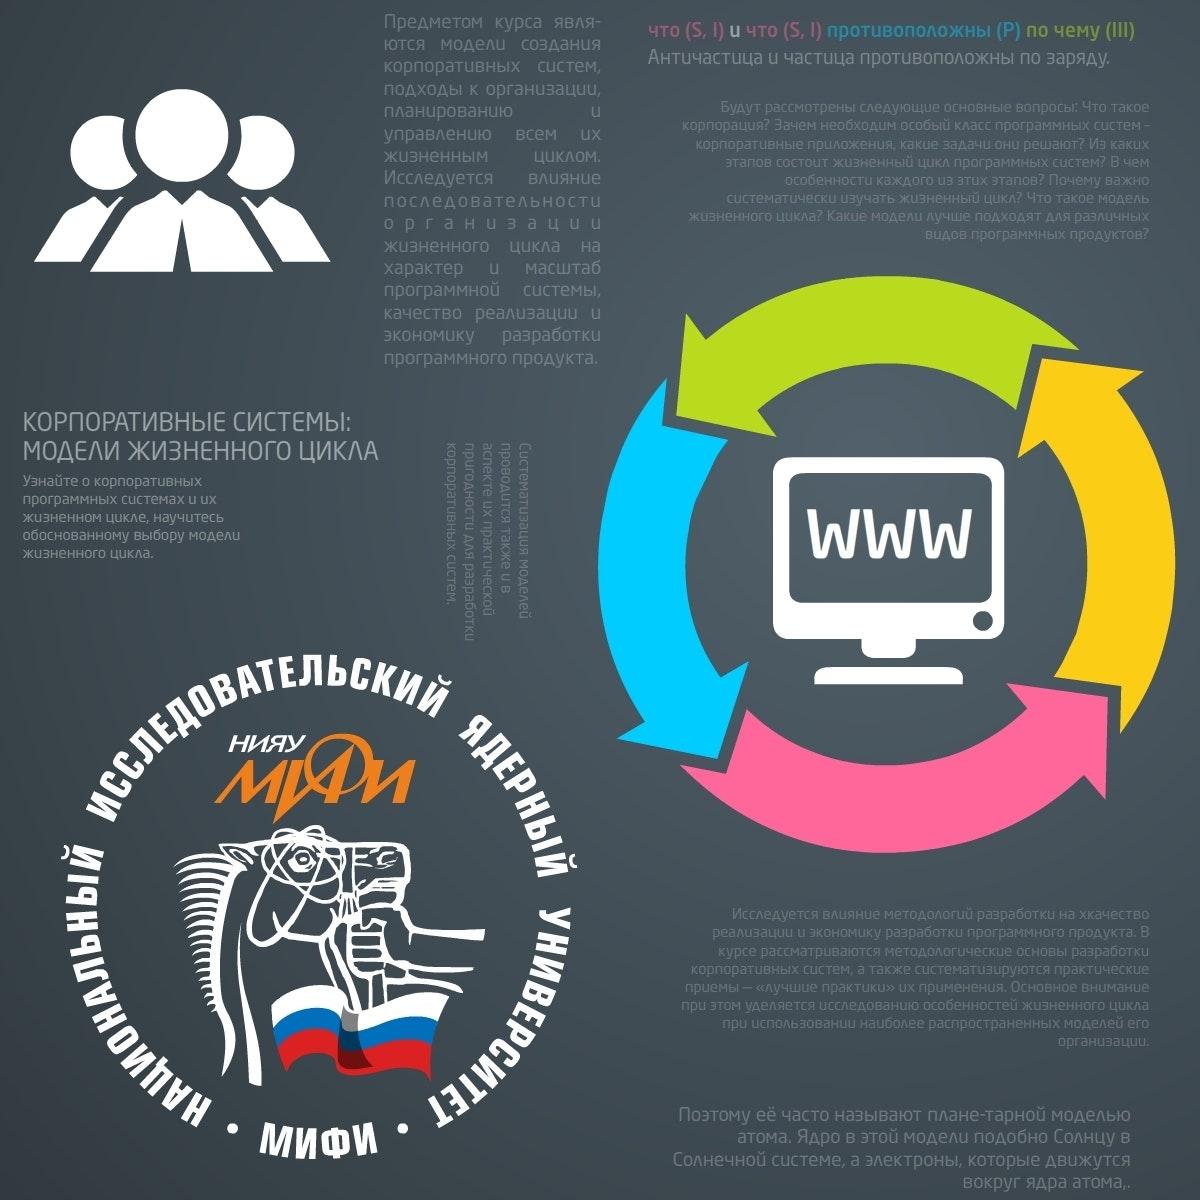 Разработка корпоративных систем. Часть 1. Модели жизненного цикла